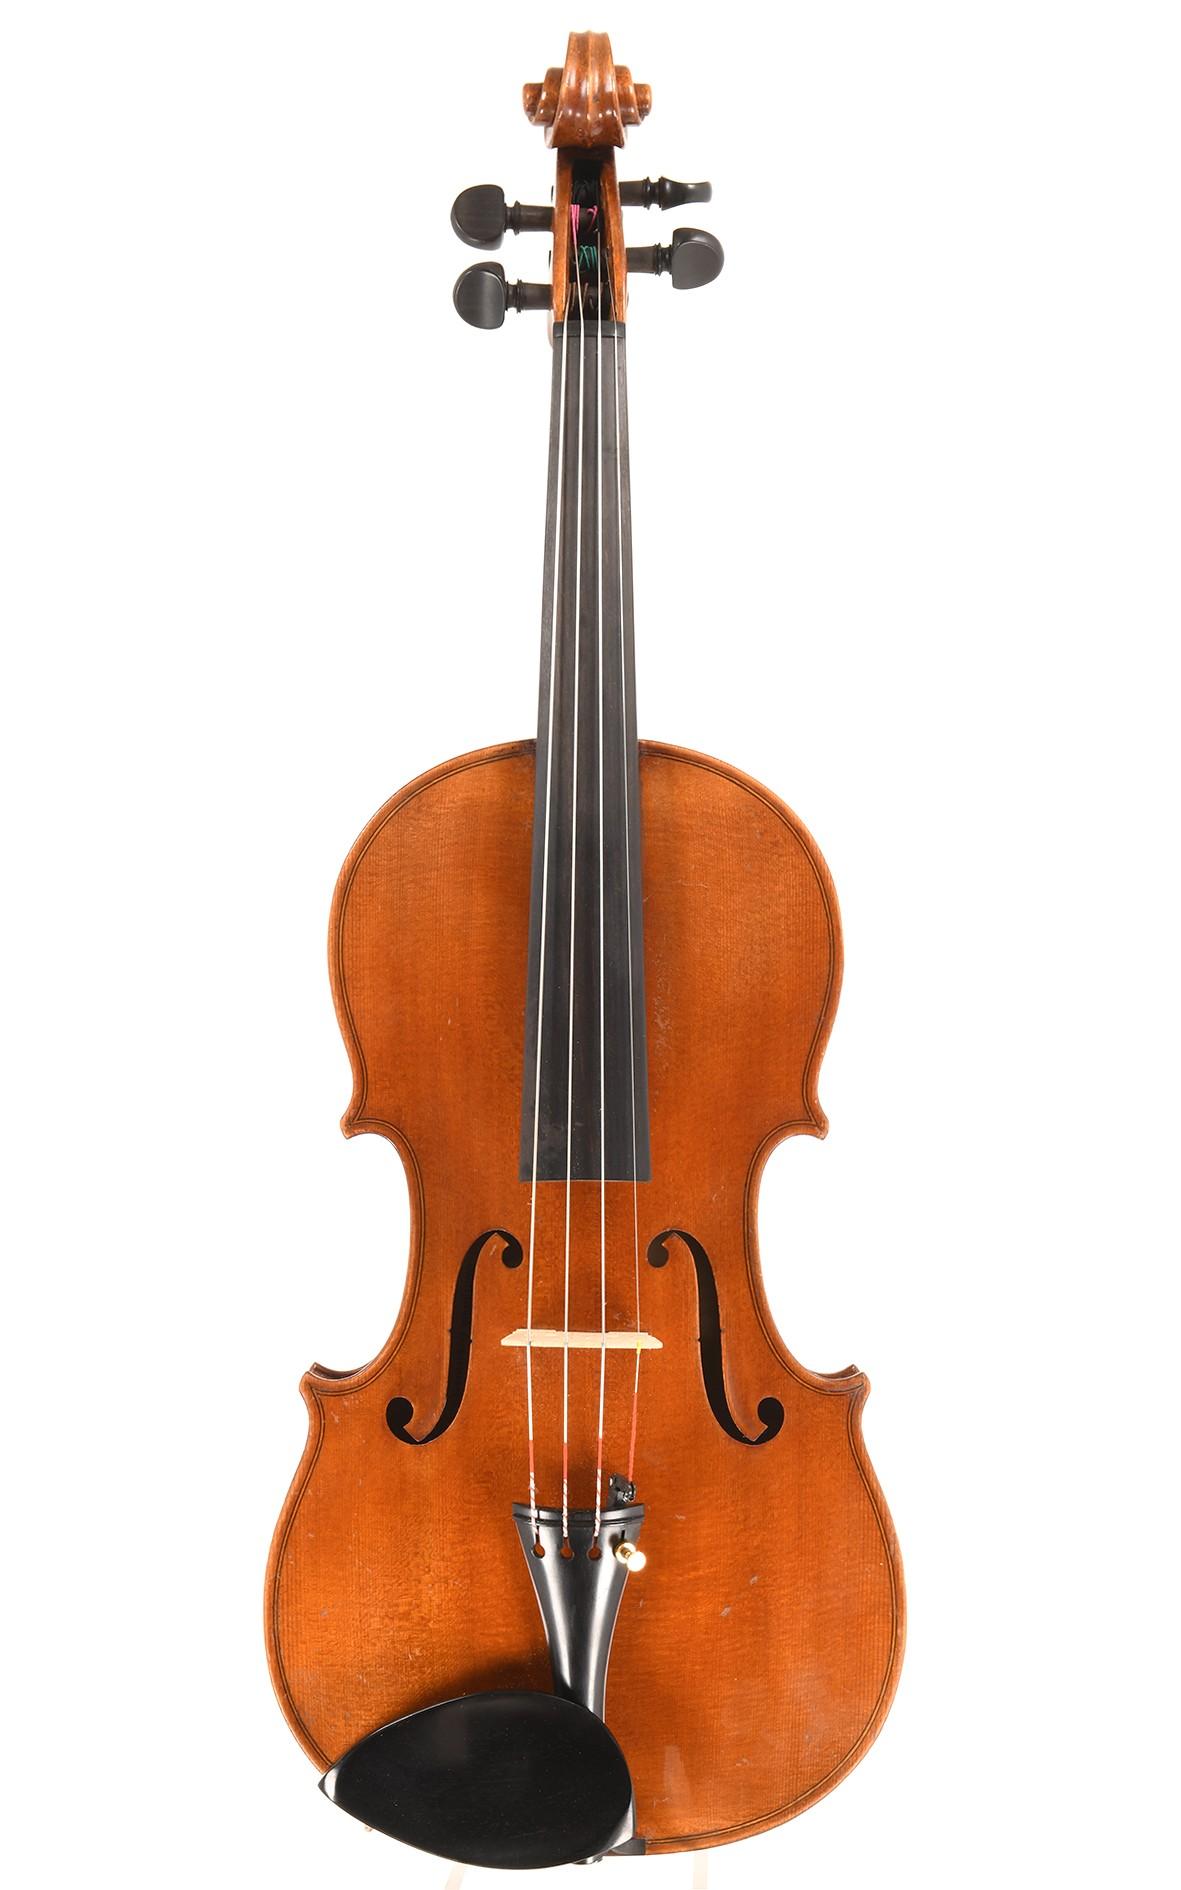 Violon de Josef Bitterer de Mittenwald